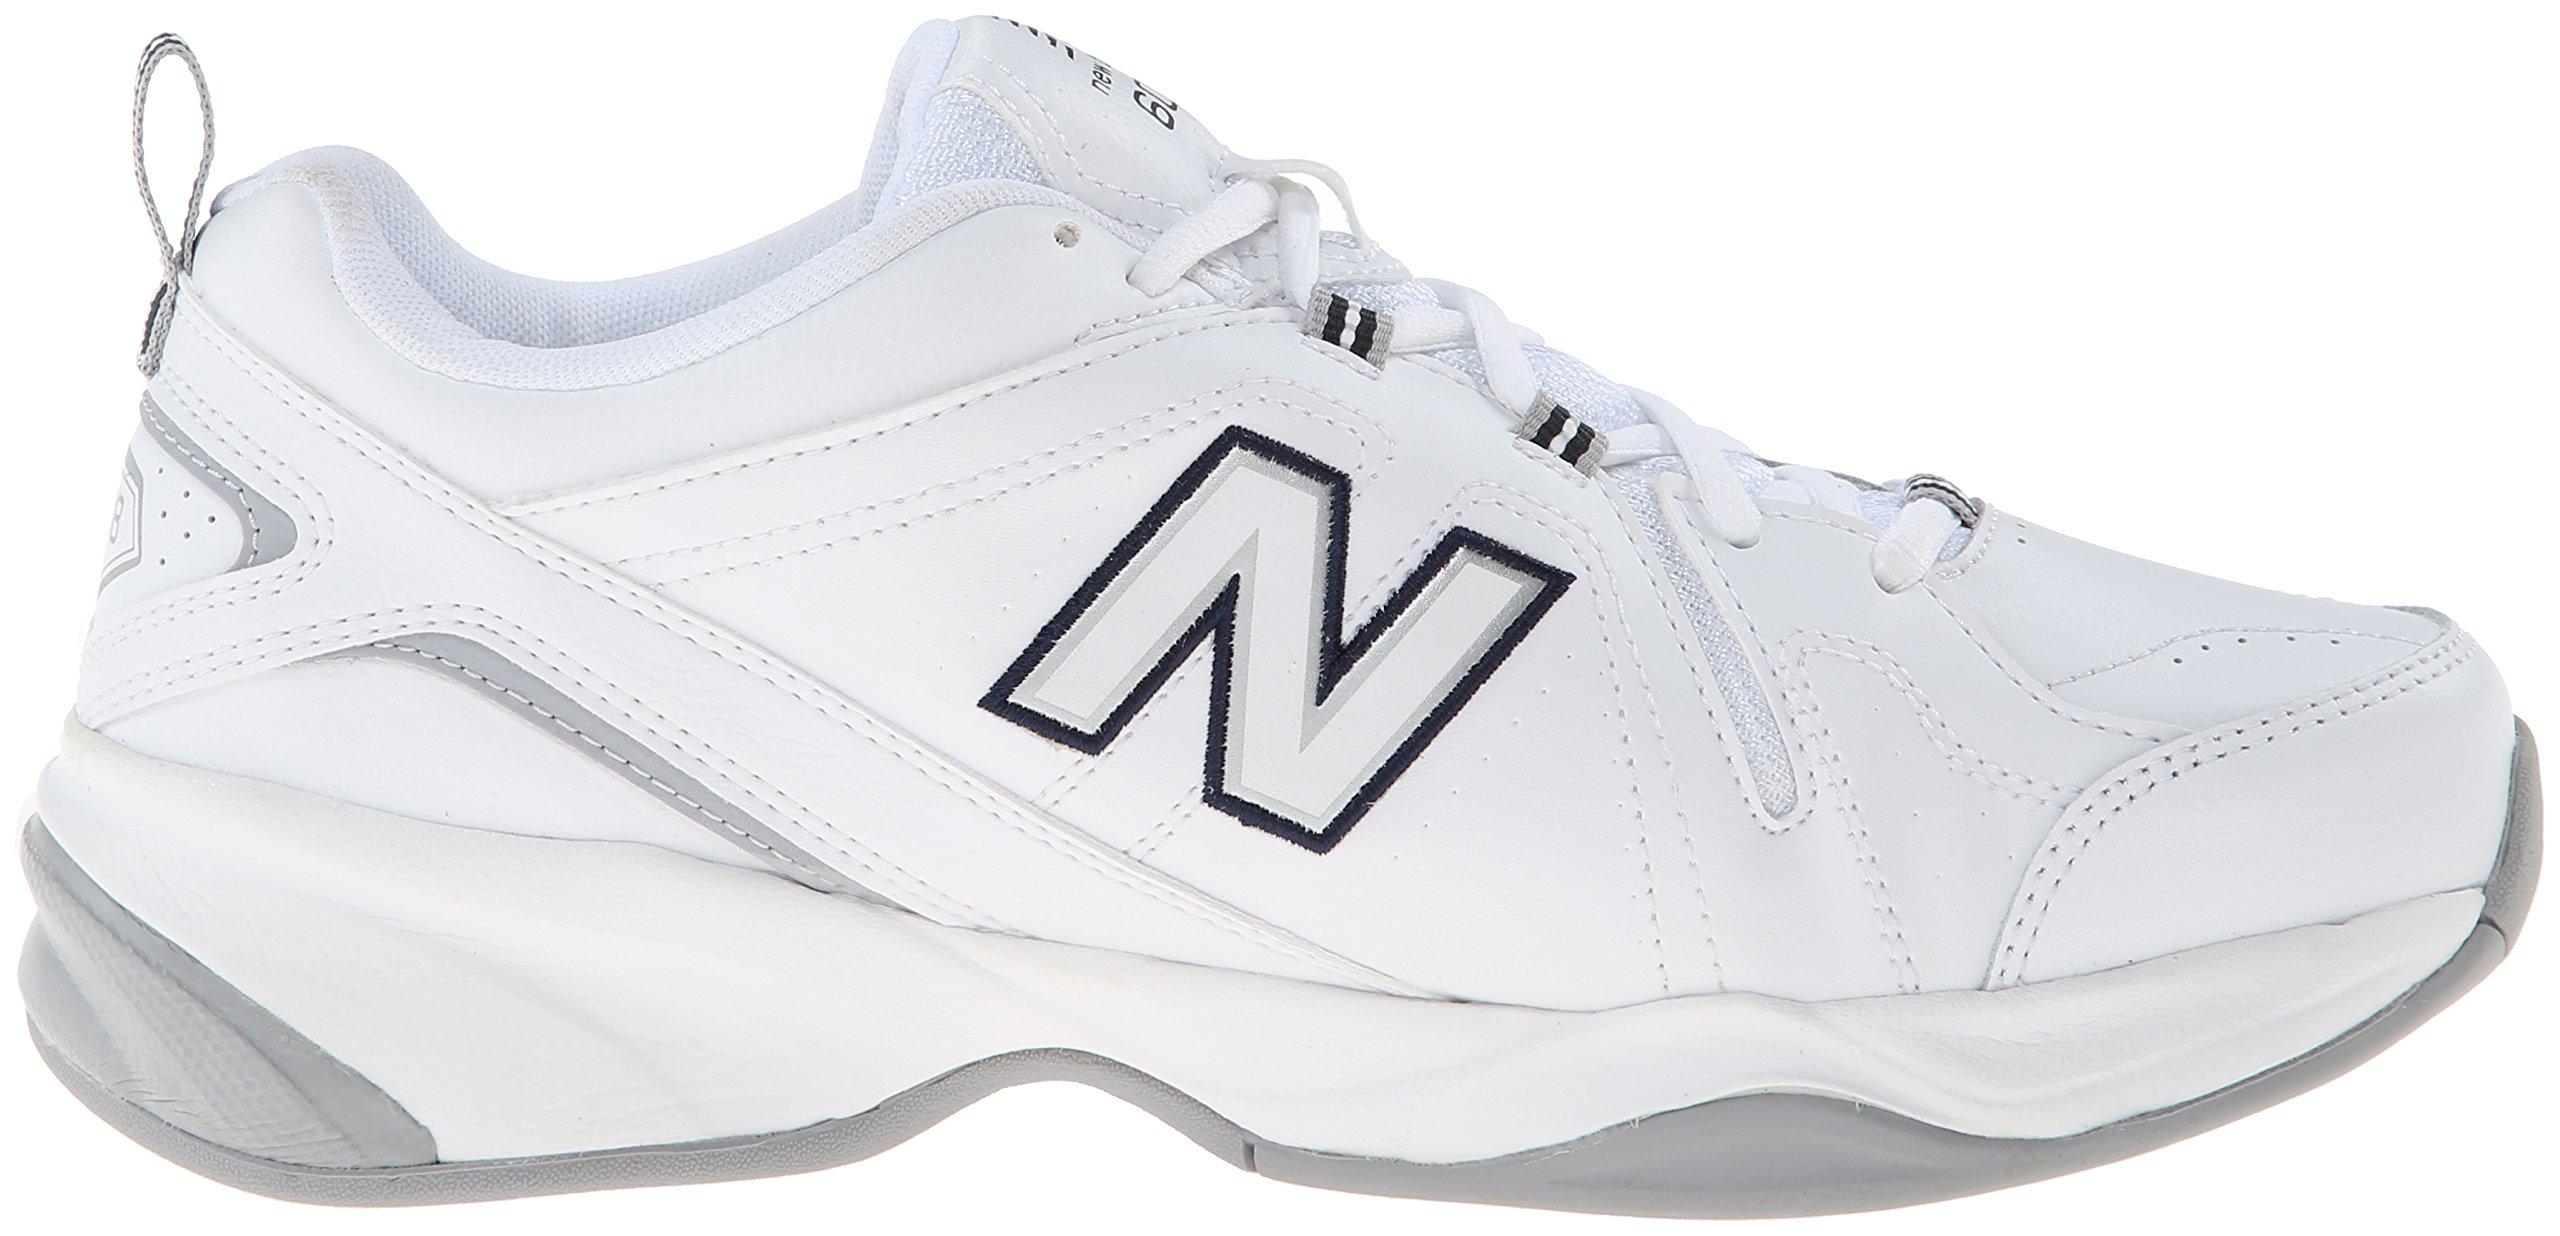 New Balance Women's WX608v4 Training Shoe, White/Navy, 8.5 D US by New Balance (Image #7)